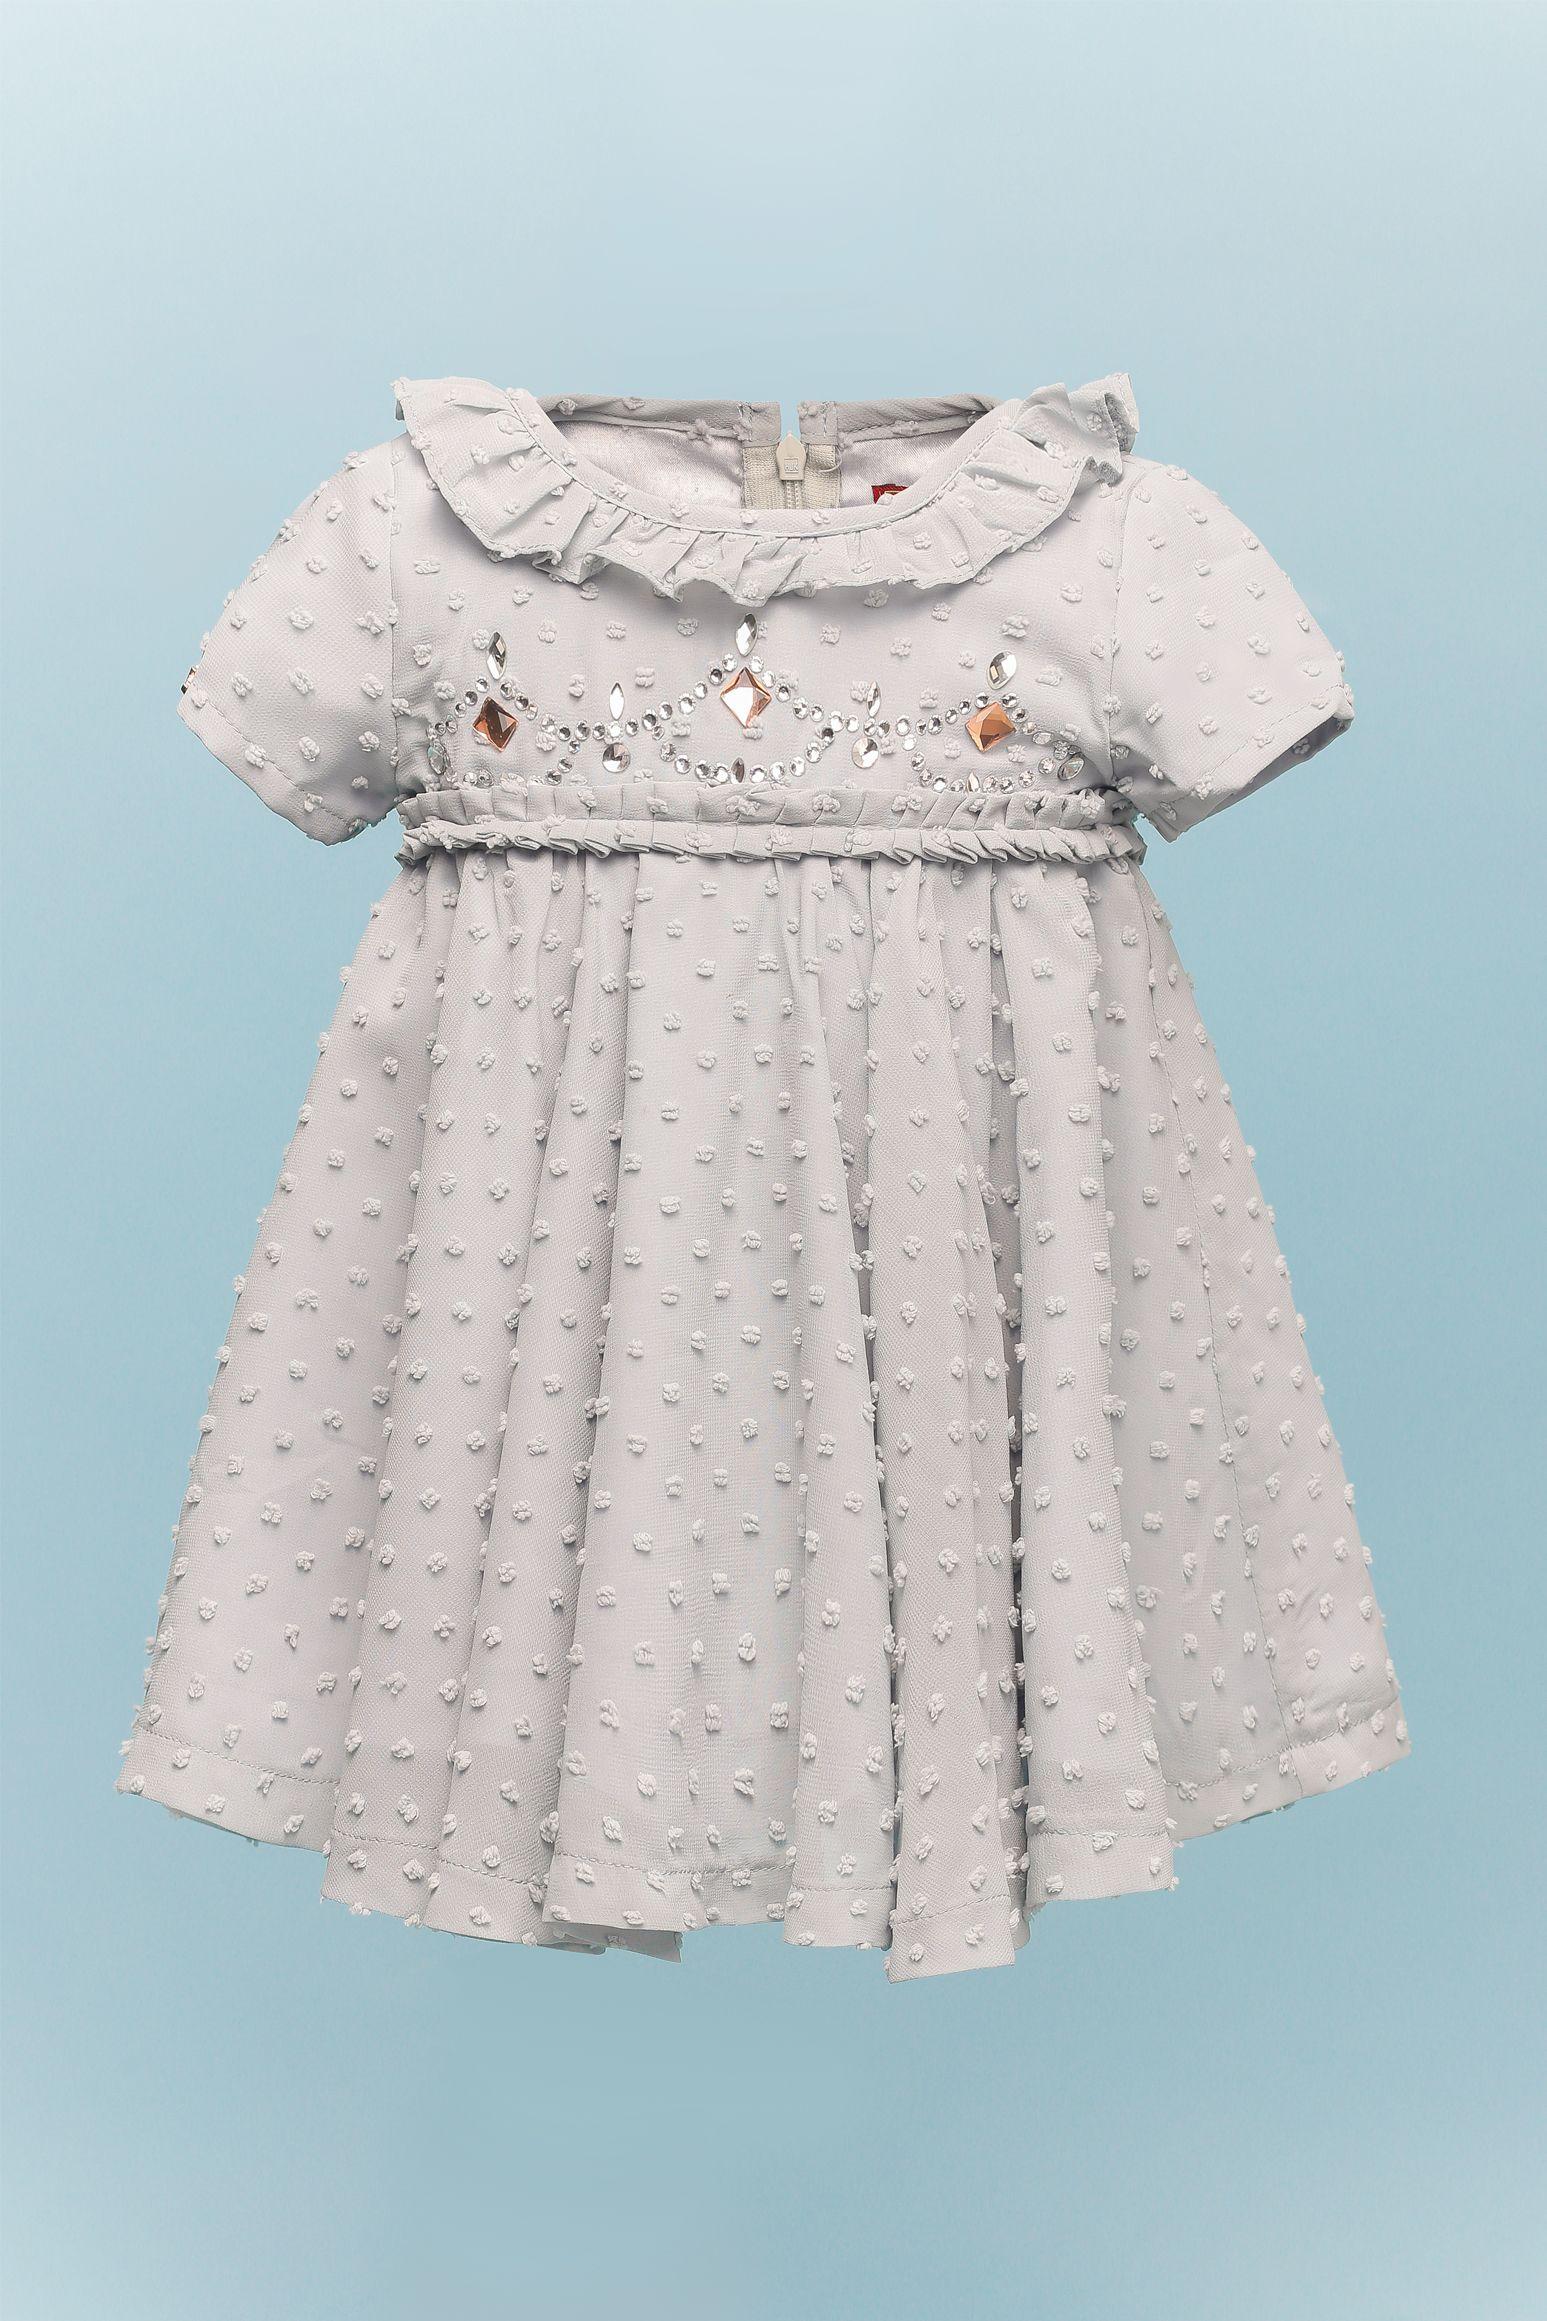 c8641d80658 ZARAA BABY DRESS